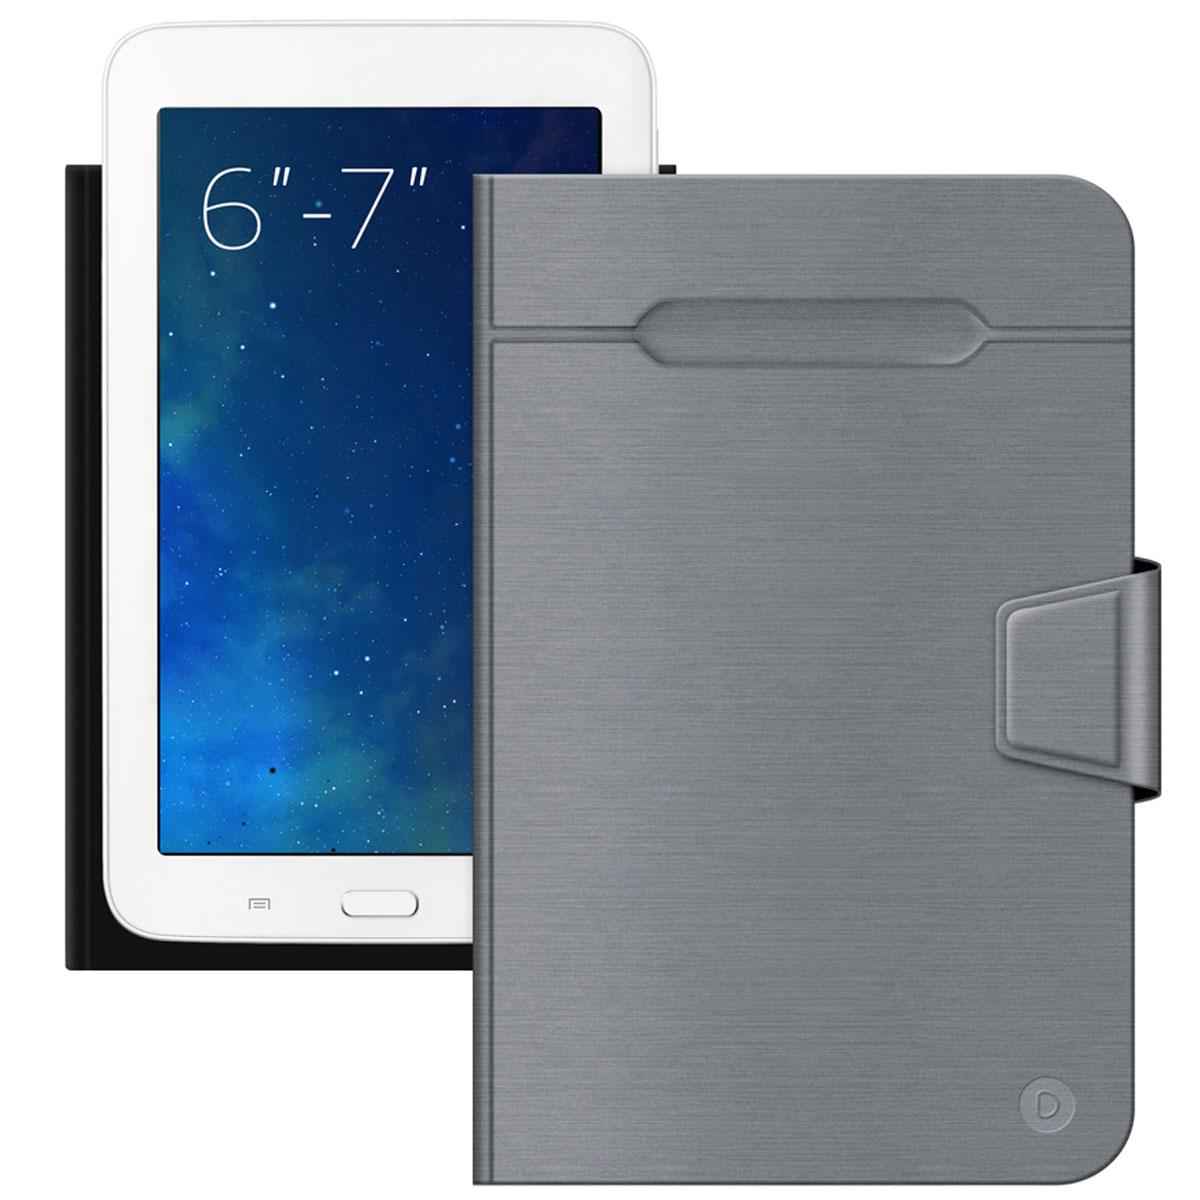 Deppa Wallet Fold чехол-подставка для планшетов и электронных книг 6-7, Grey87026Универсальный чехол Deppa Wallet Fold предназначен для защиты корпуса планшета или электронной книги диагональю 6-7 от механических повреждений и царапин в процессе эксплуатации. Верхняя часть чехла отгибается для фотографирования. Функция подходит для планшетов с любым расположением камер. Устройство фиксируется внутри чехла при помощи клеевого стикера. Имеется свободный доступ ко всем разъемам и кнопкам устройства.